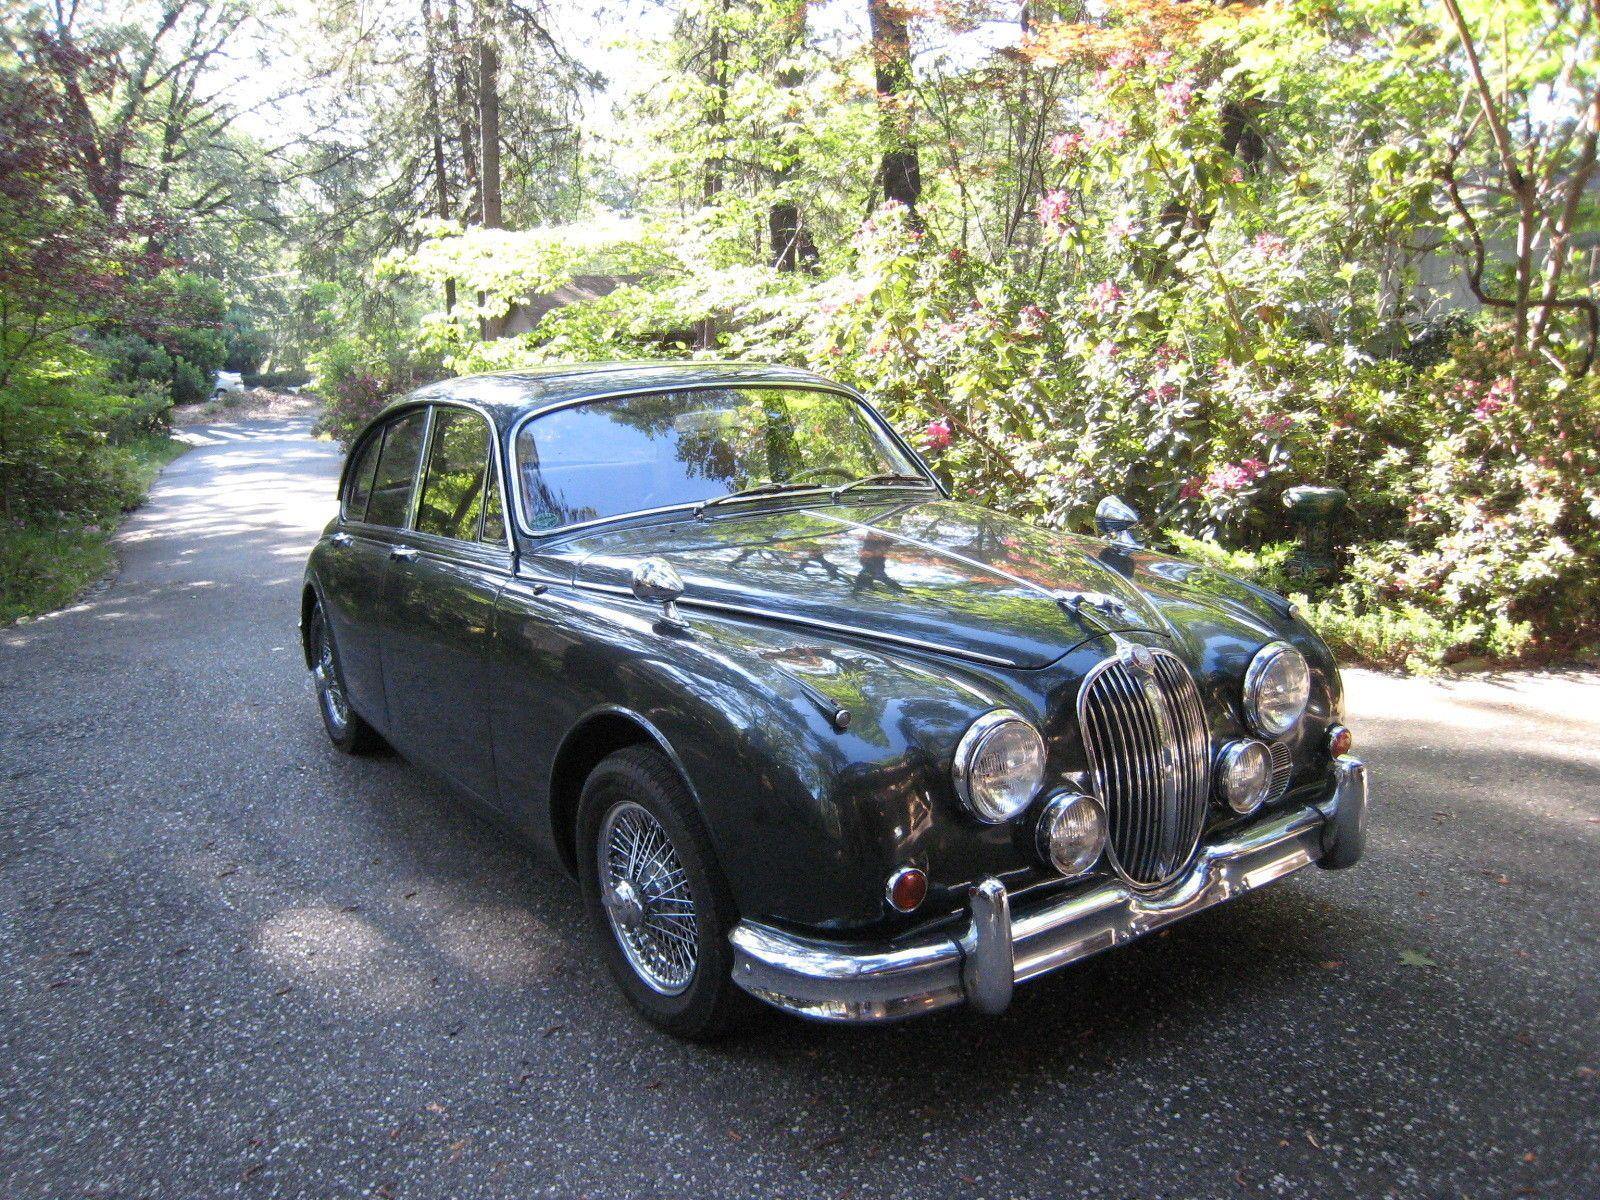 1964 Jaguar Mark 2 for sale